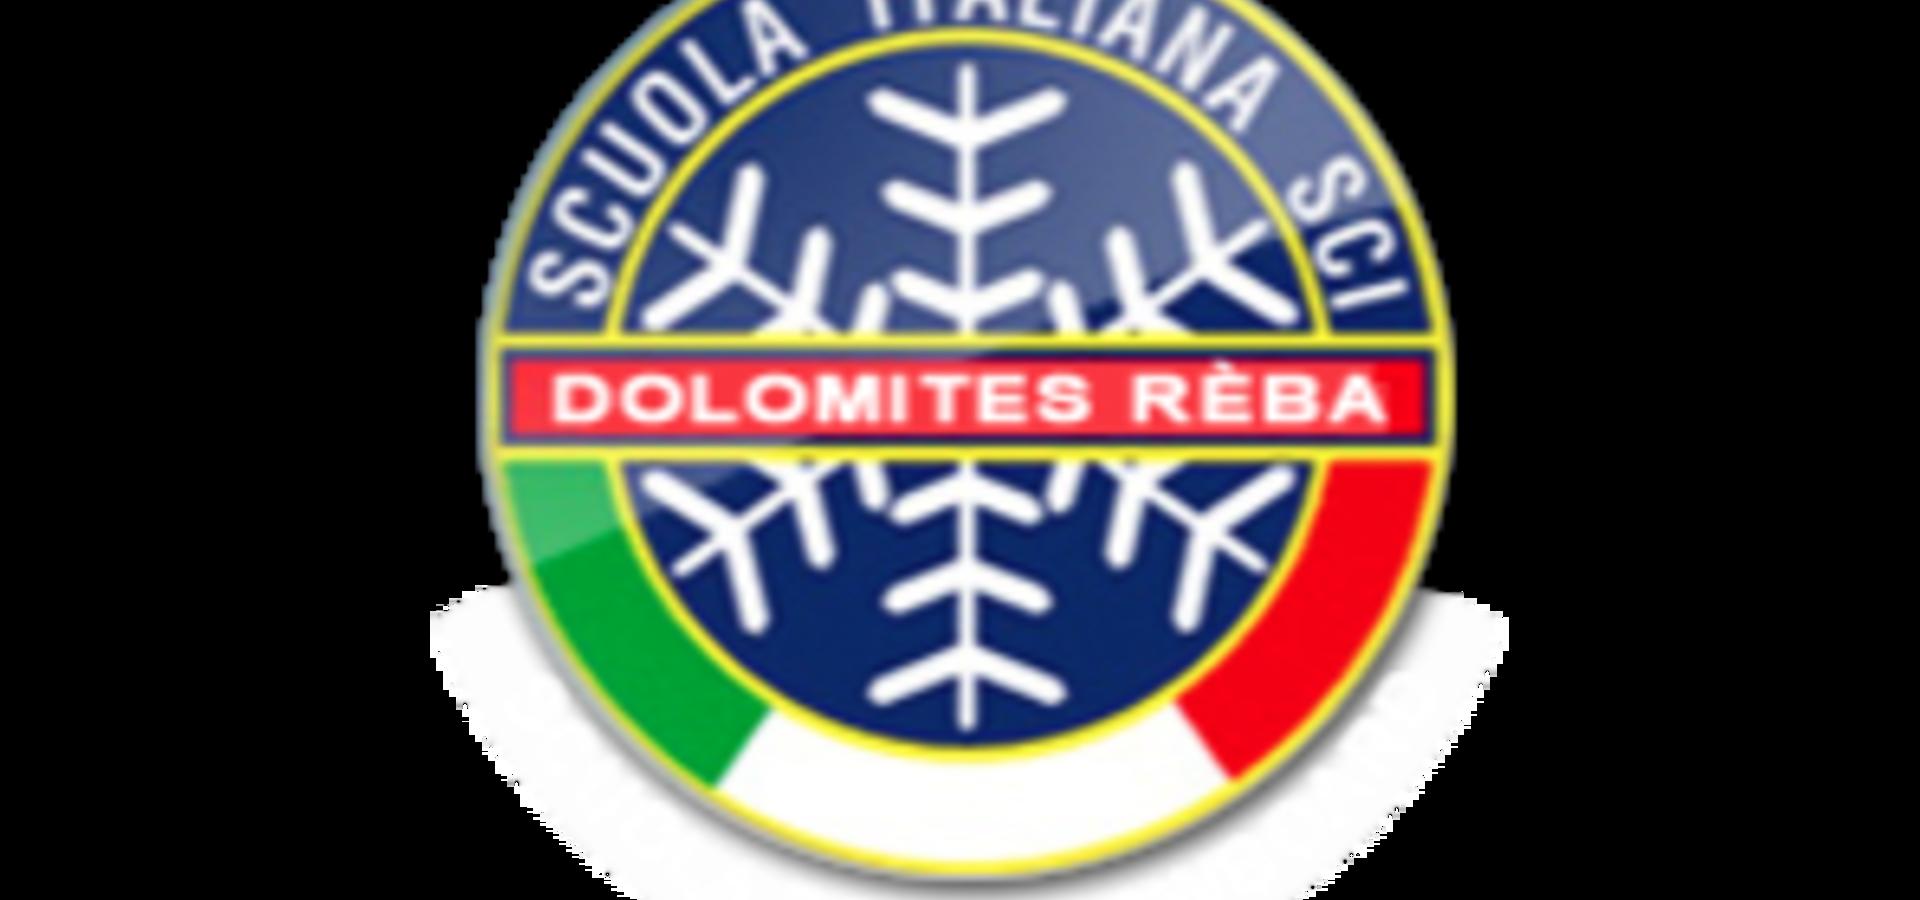 Ski & Snwoboard Schule Dolomites Reba